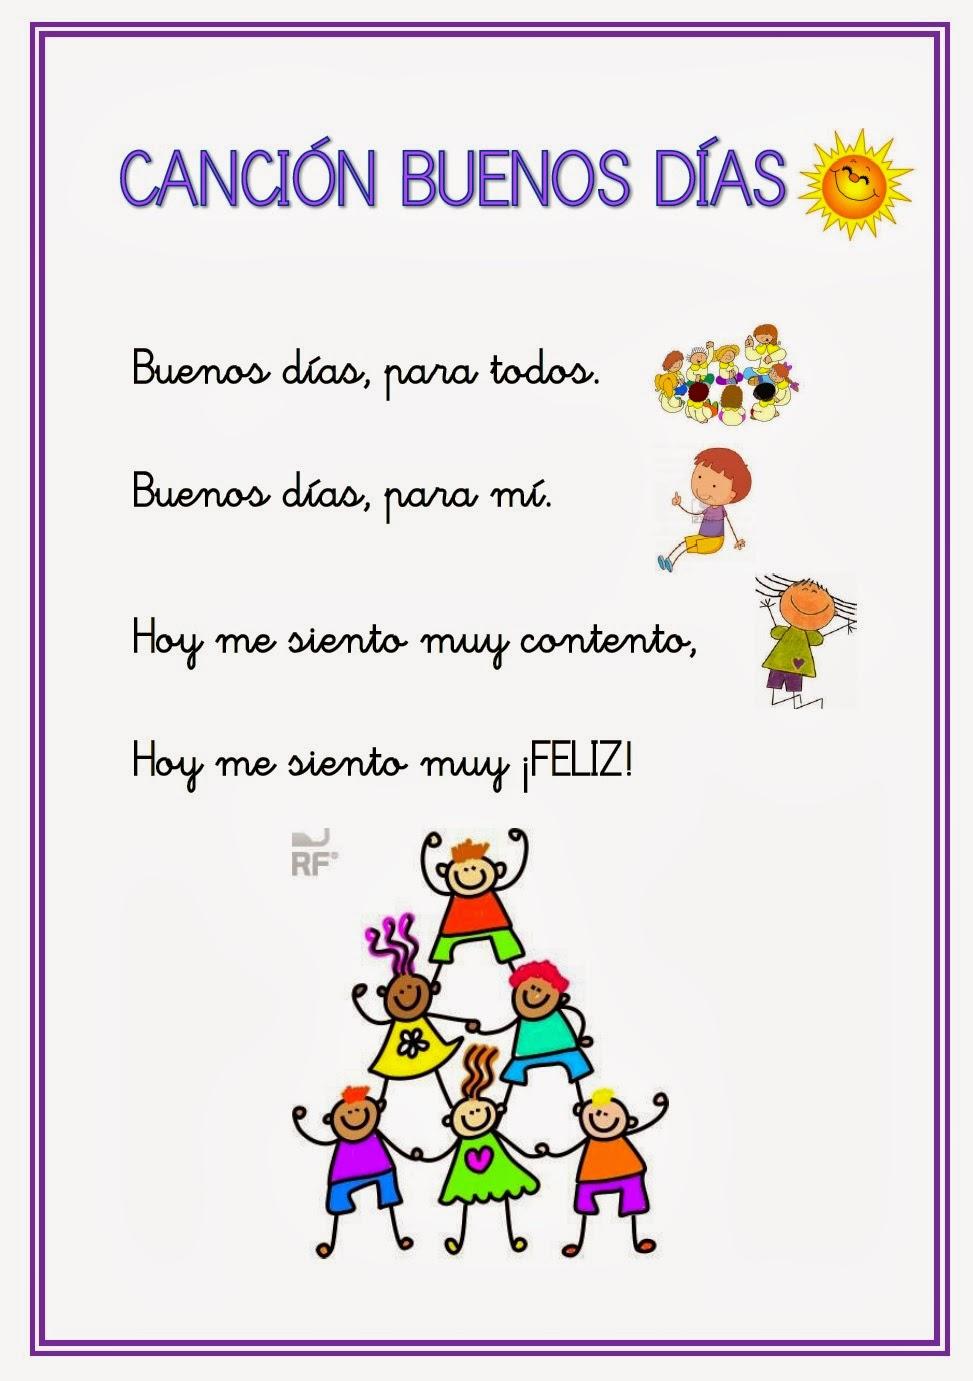 El rinc n de las ilusiones octubre 2014 for Cancion infantil hola jardin